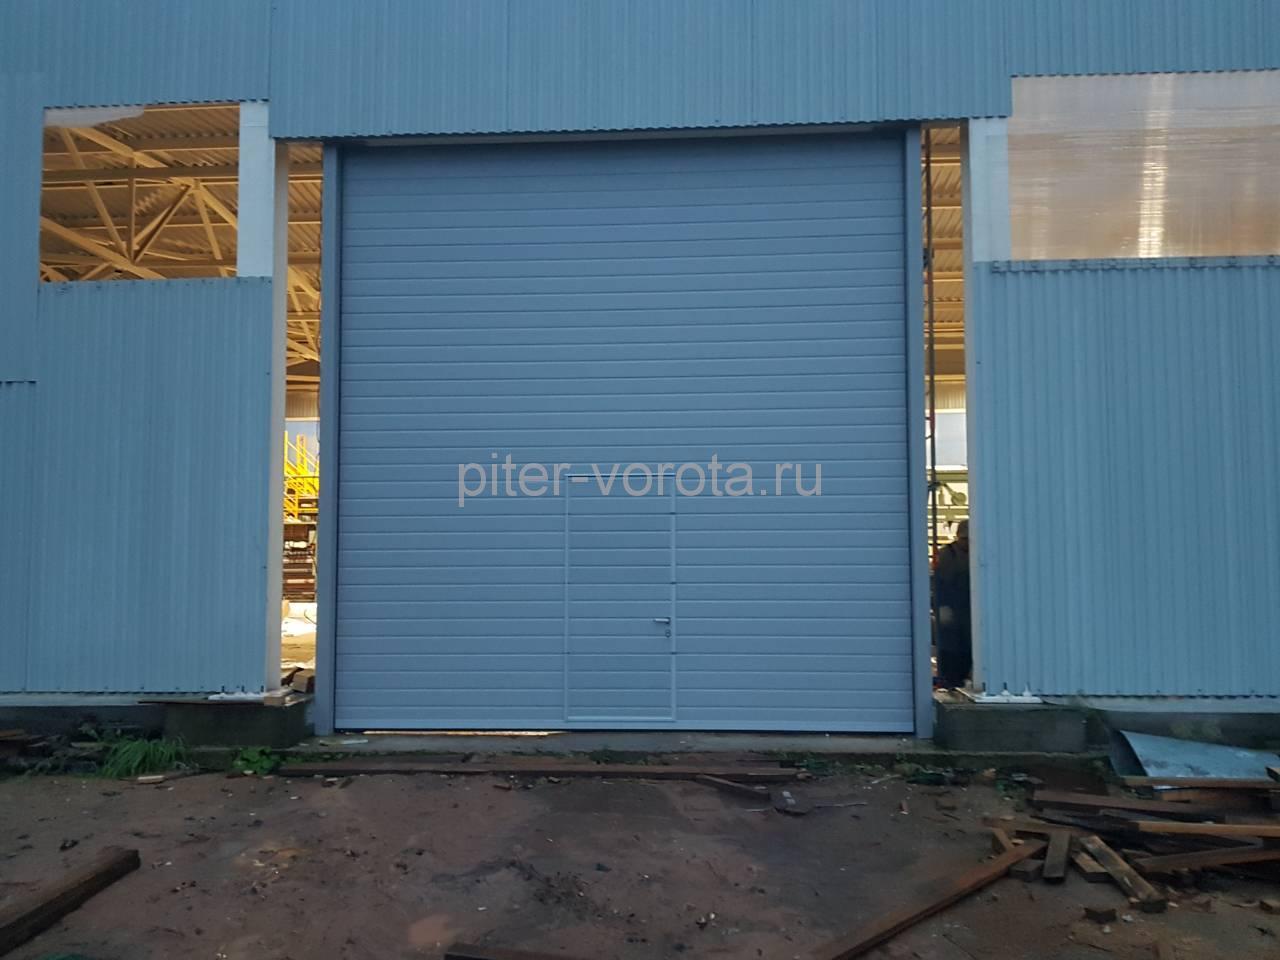 Ворота промышленные подъёмно-секционные Doorhan серии ISD01 в Серебрянском